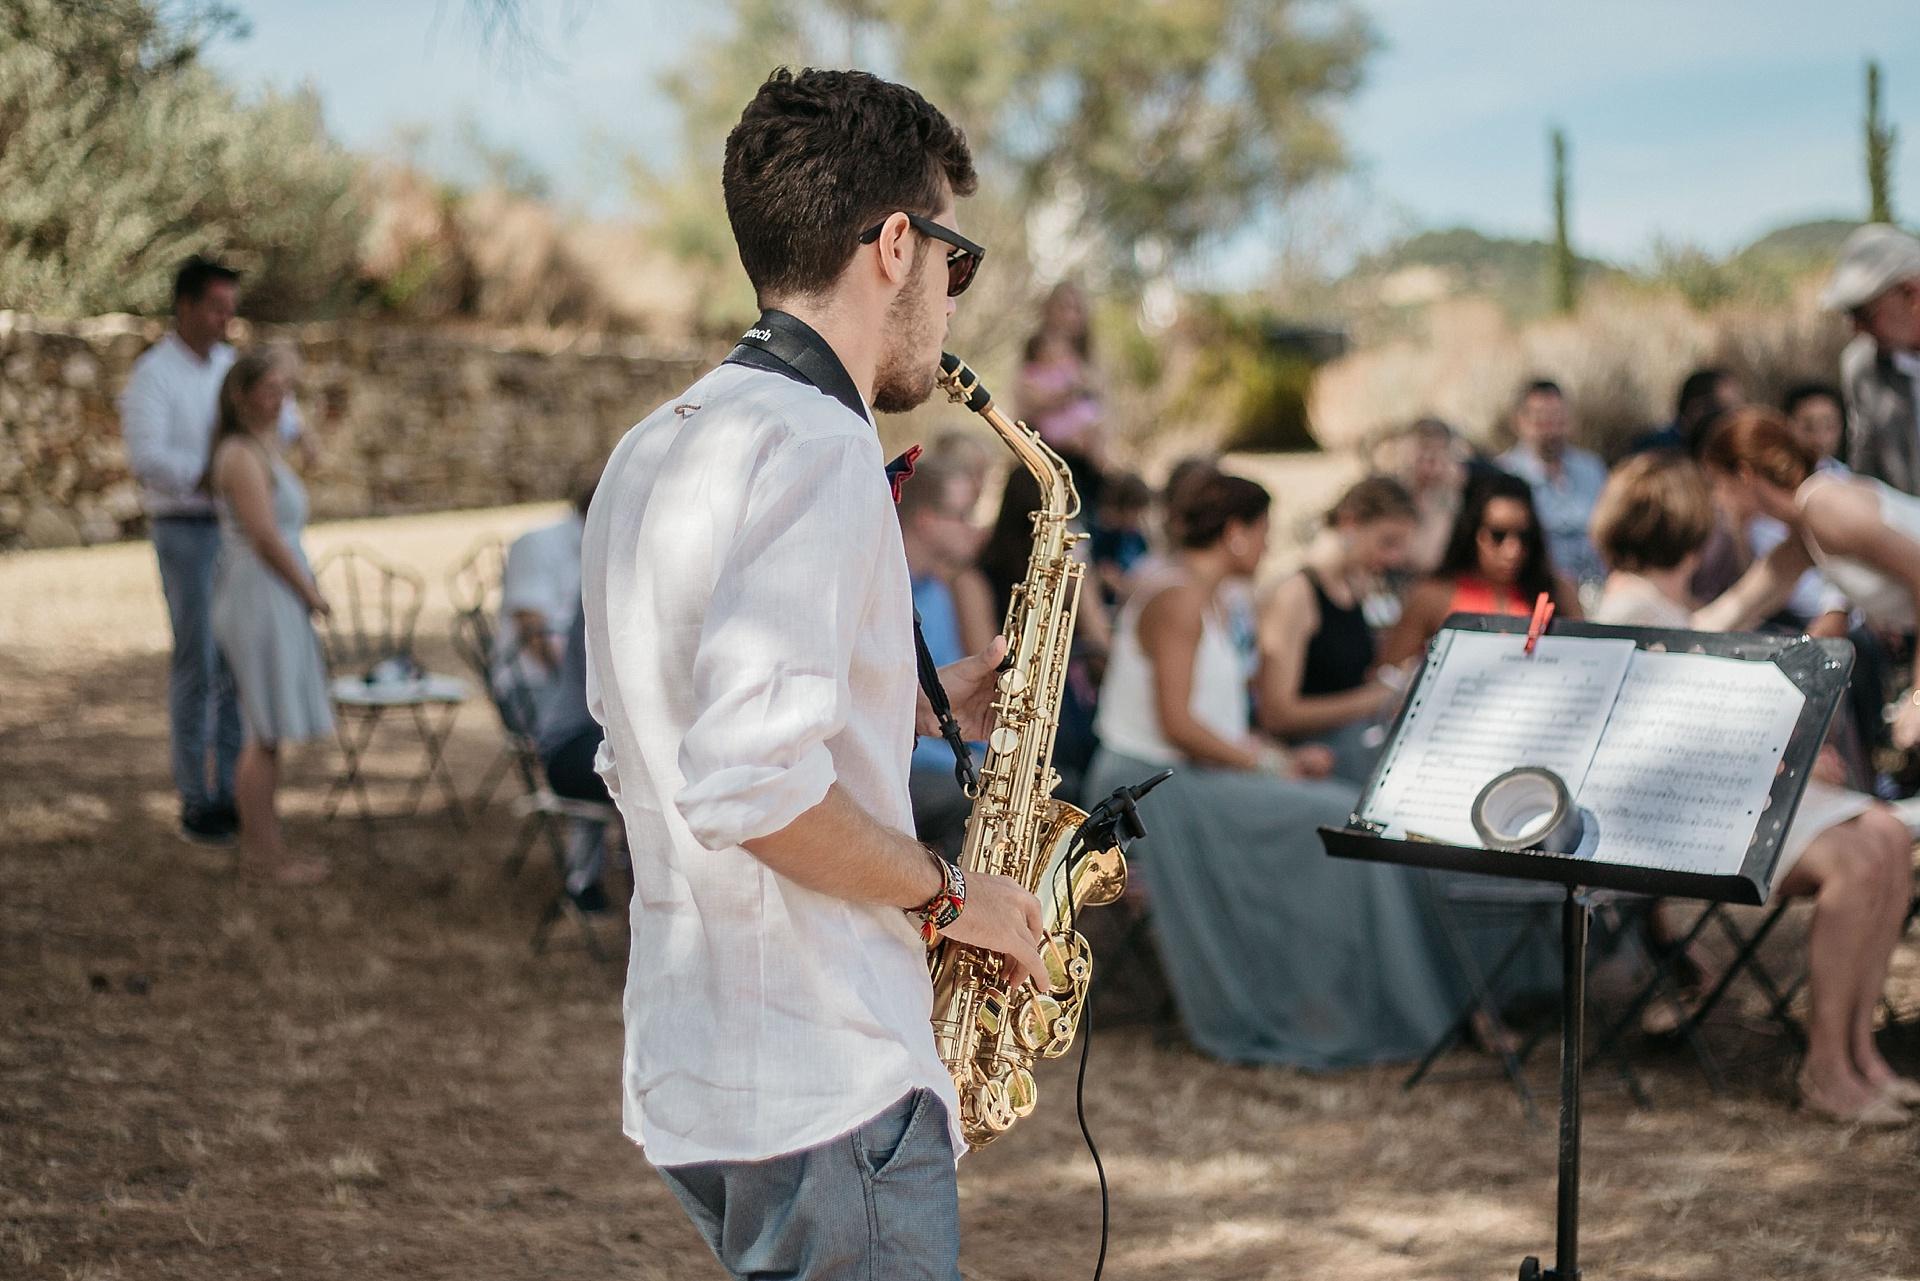 Traumhafte Hochzeit in der Provence. Musikalische Begleitung mit dem Saxophon.